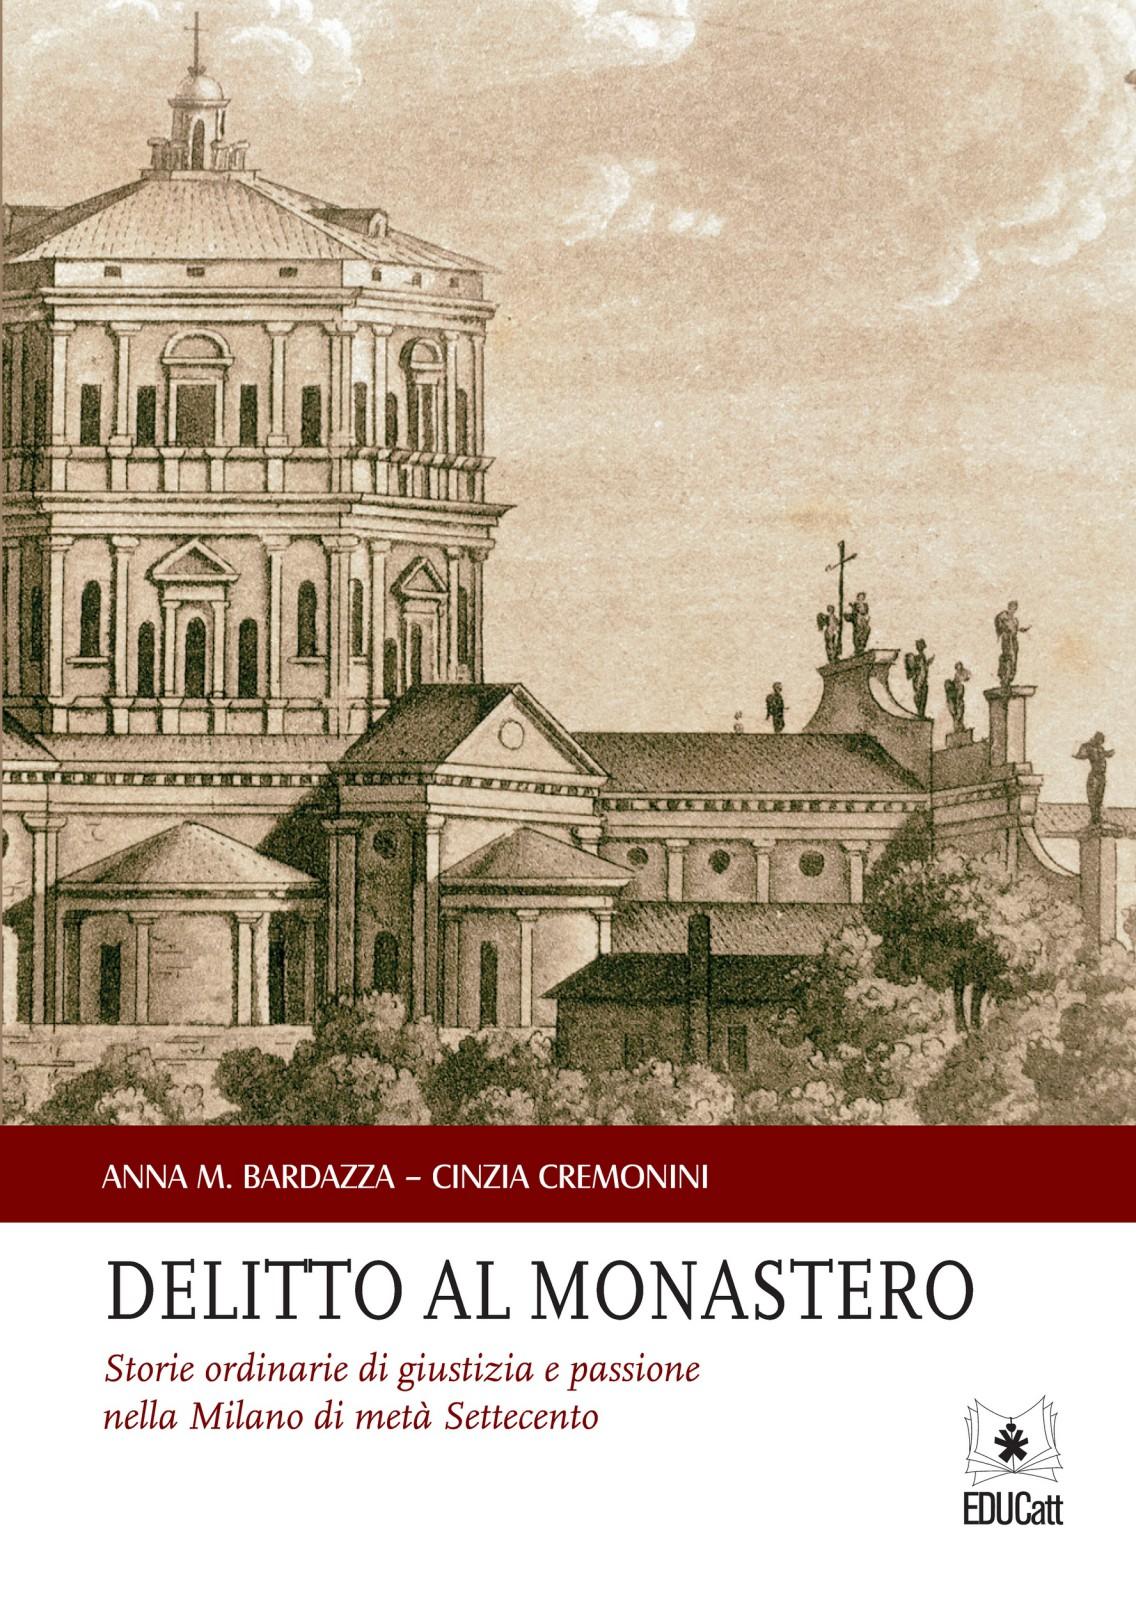 DELITTO AL MONASTERO. STORIE ORDINARIE DI GIUSTIZIA E PASSIONE NELLA MILANO DI META' SETTECENTO